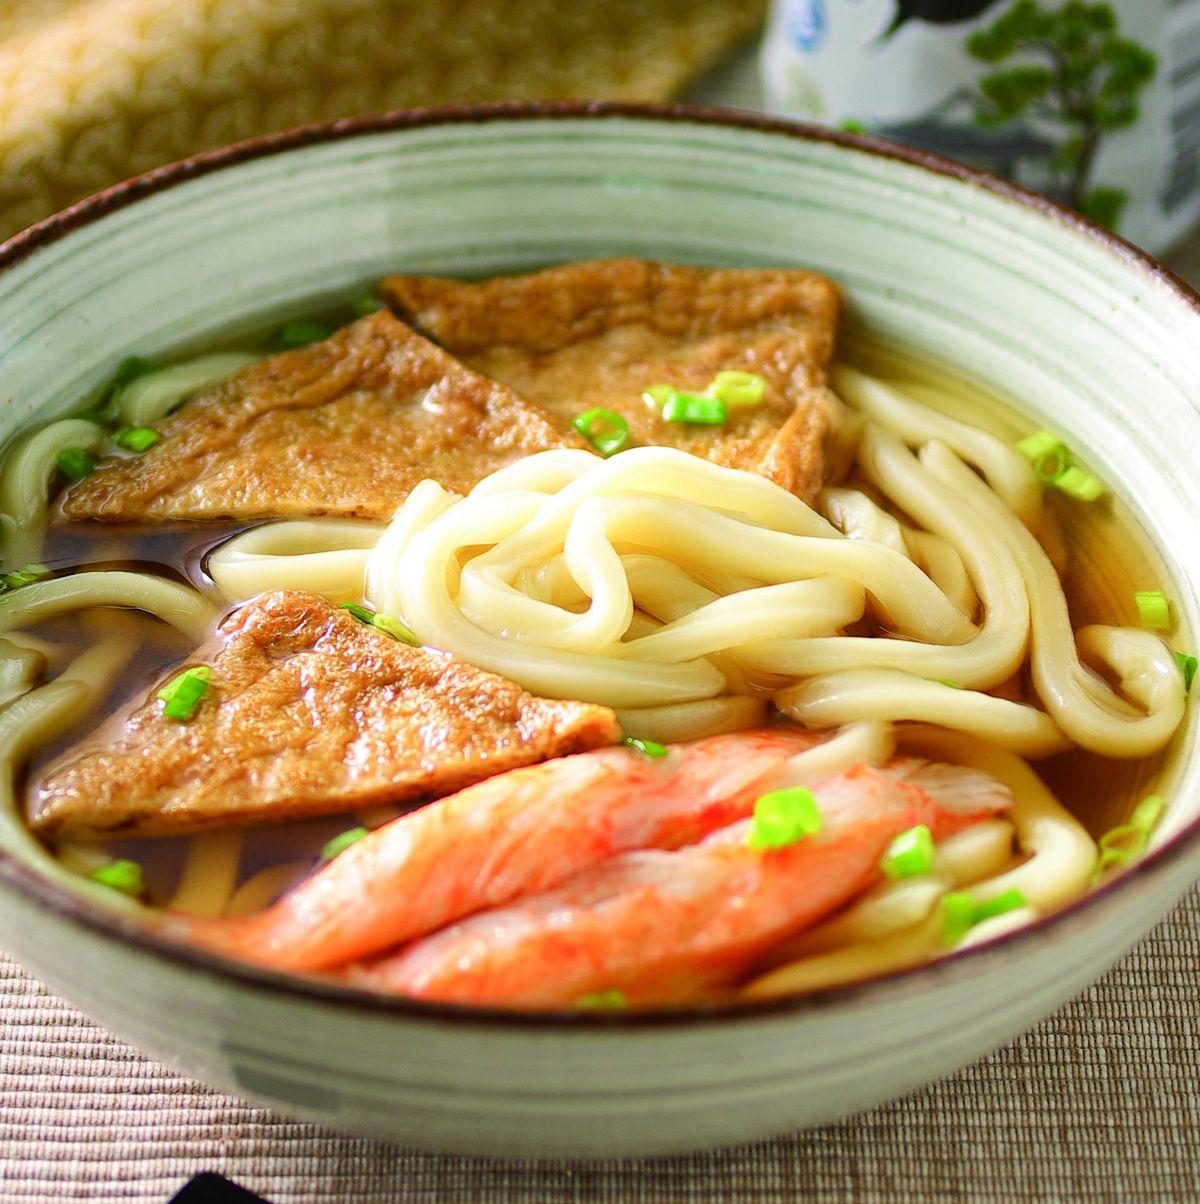 食譜:豆皮湯汁烏龍麵